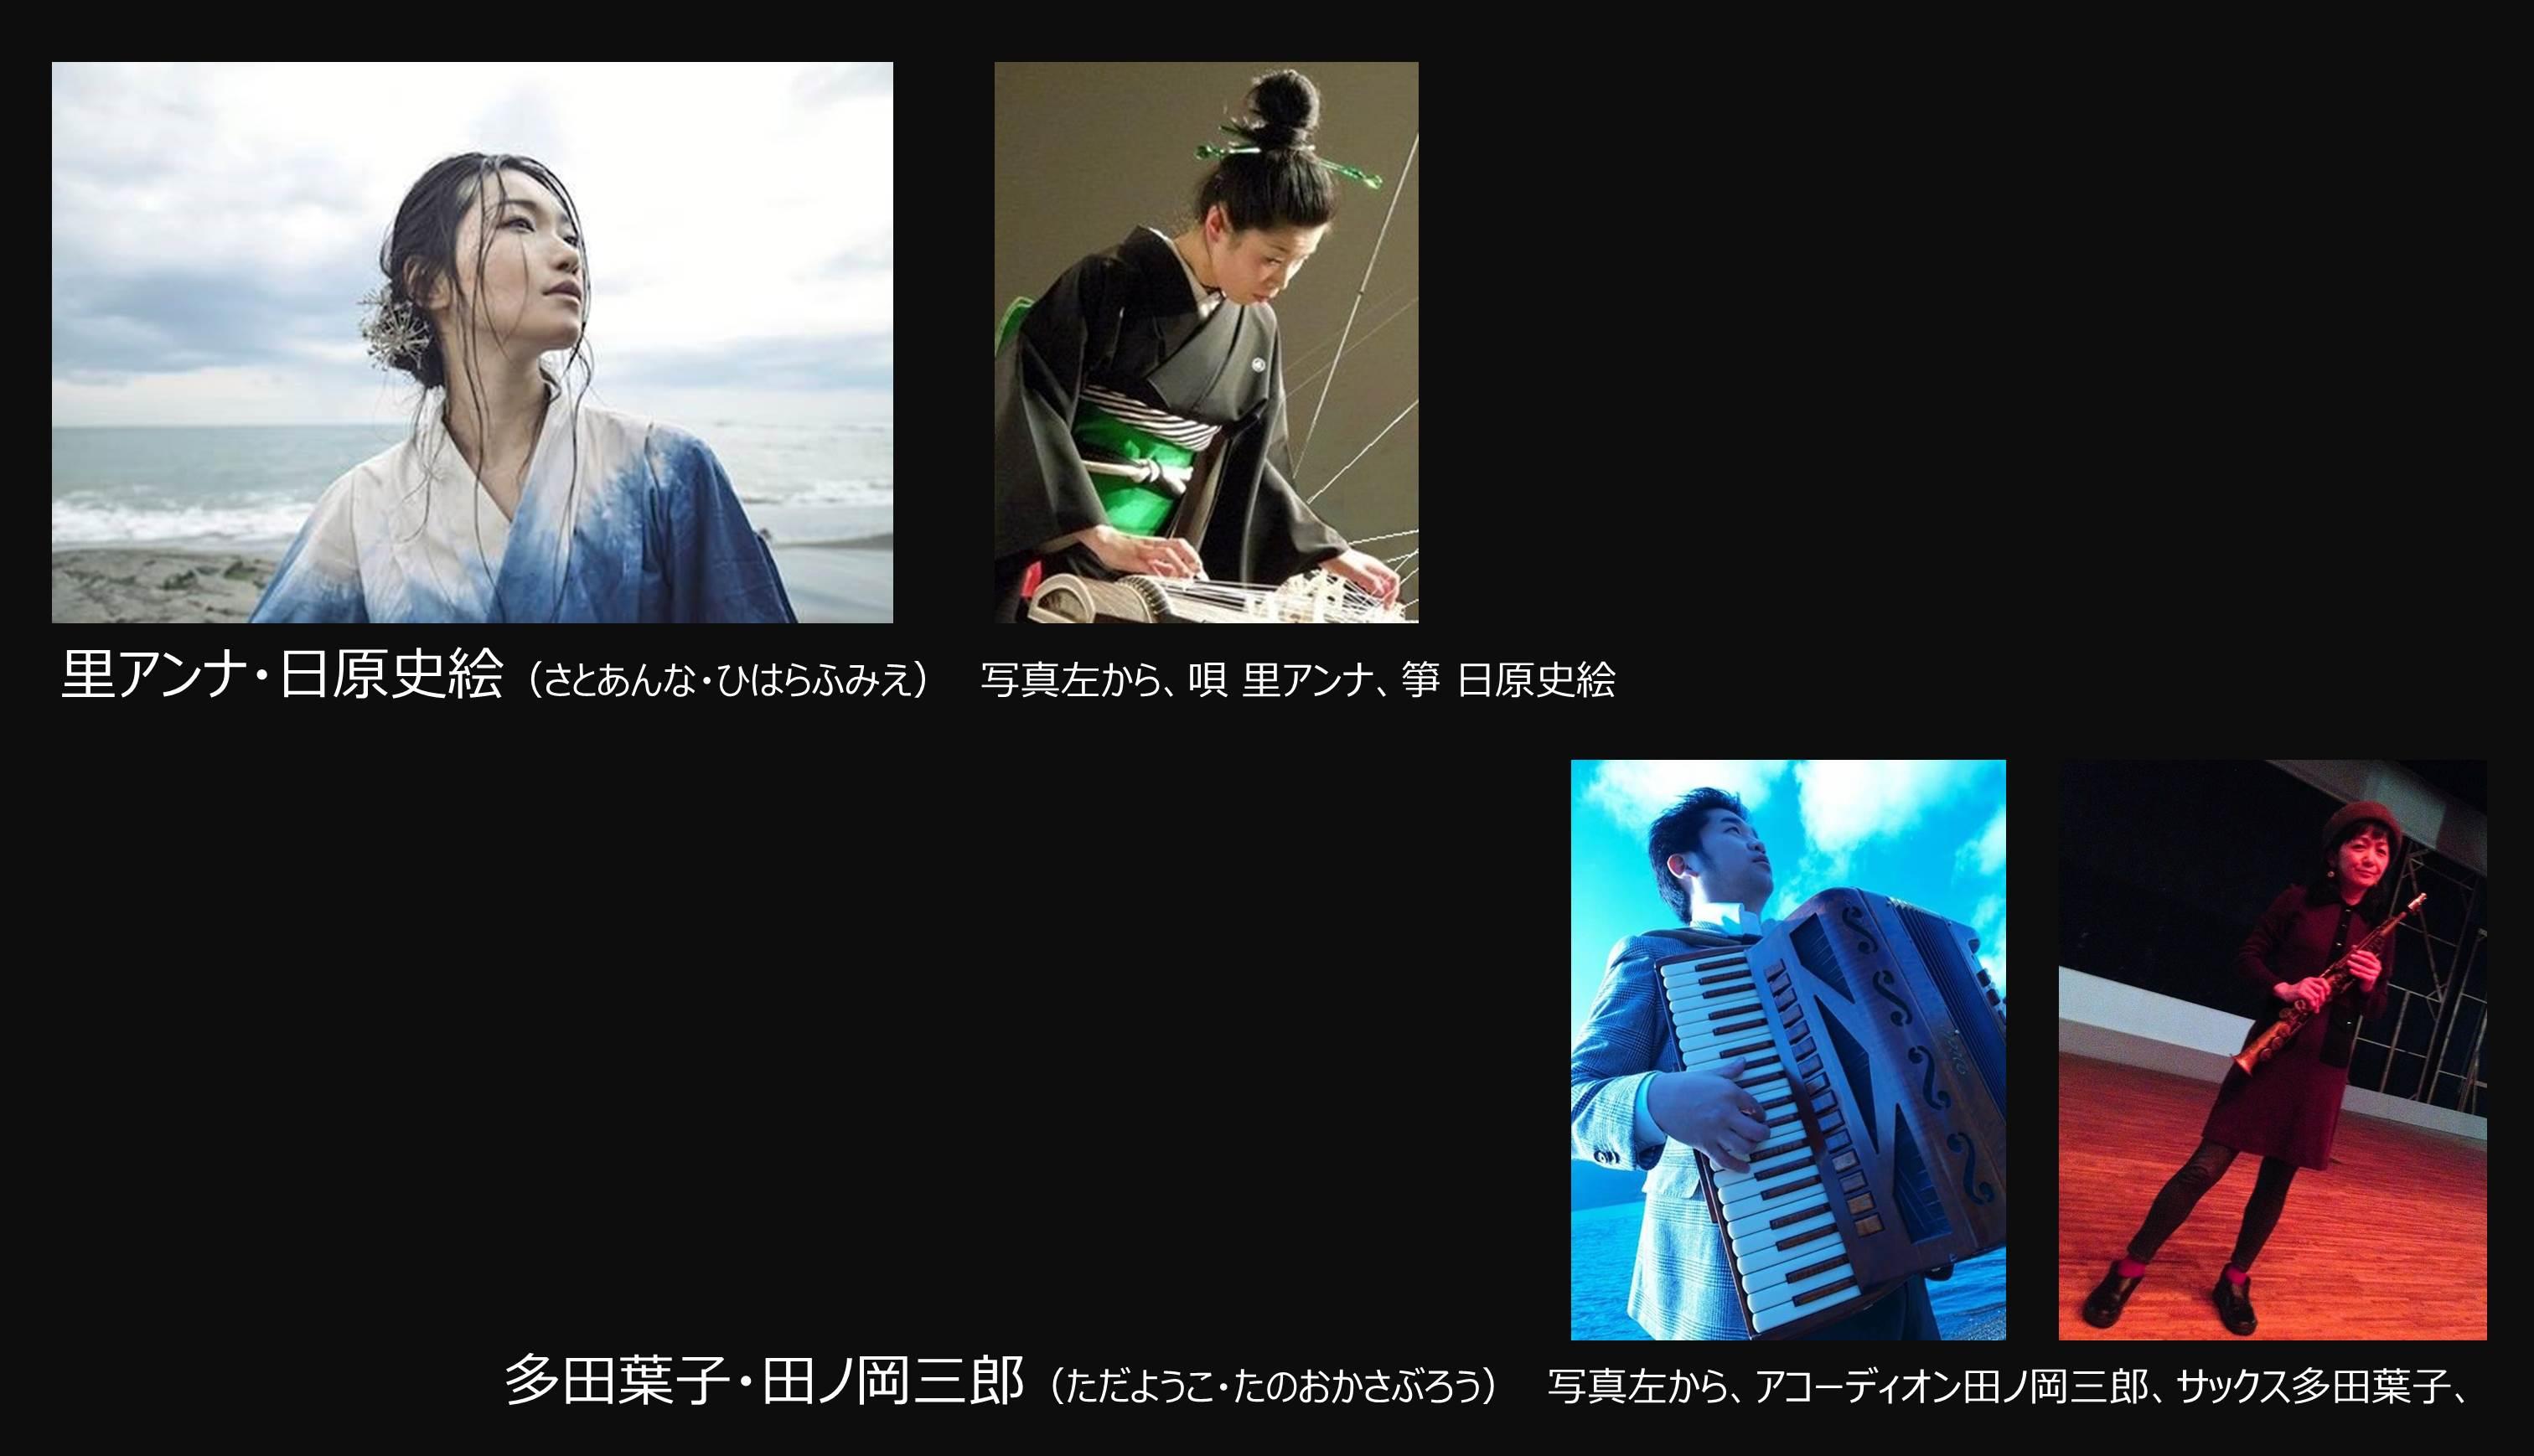 写真左から:里アンナ(唄 )、日原史絵(箏)、田ノ岡三郎(アコーディオン)、多田葉子(サックス)